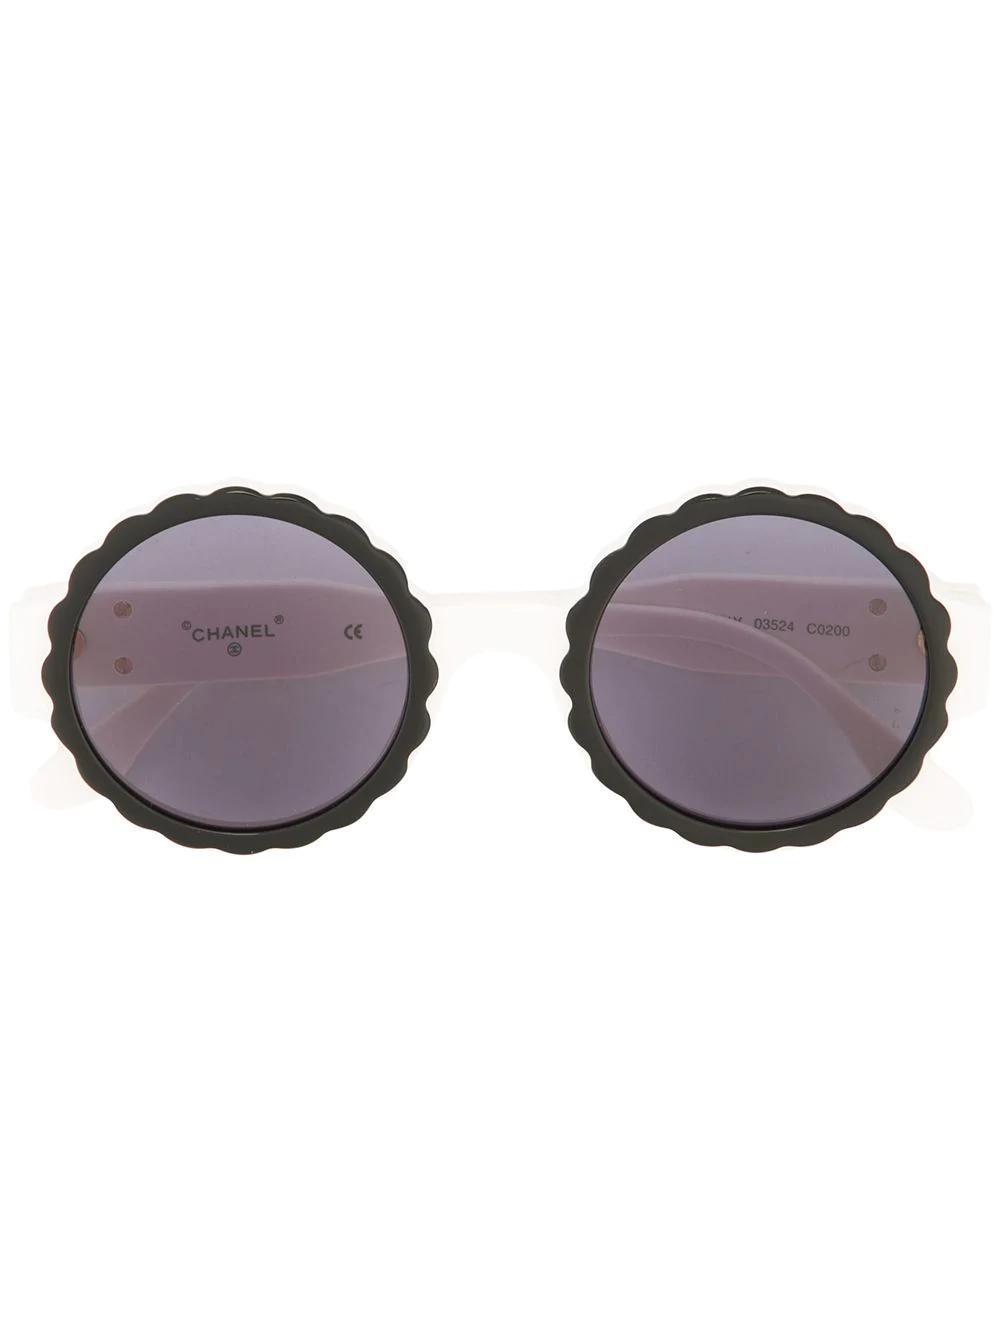 Chanel Sunglasses Eye Wear In White